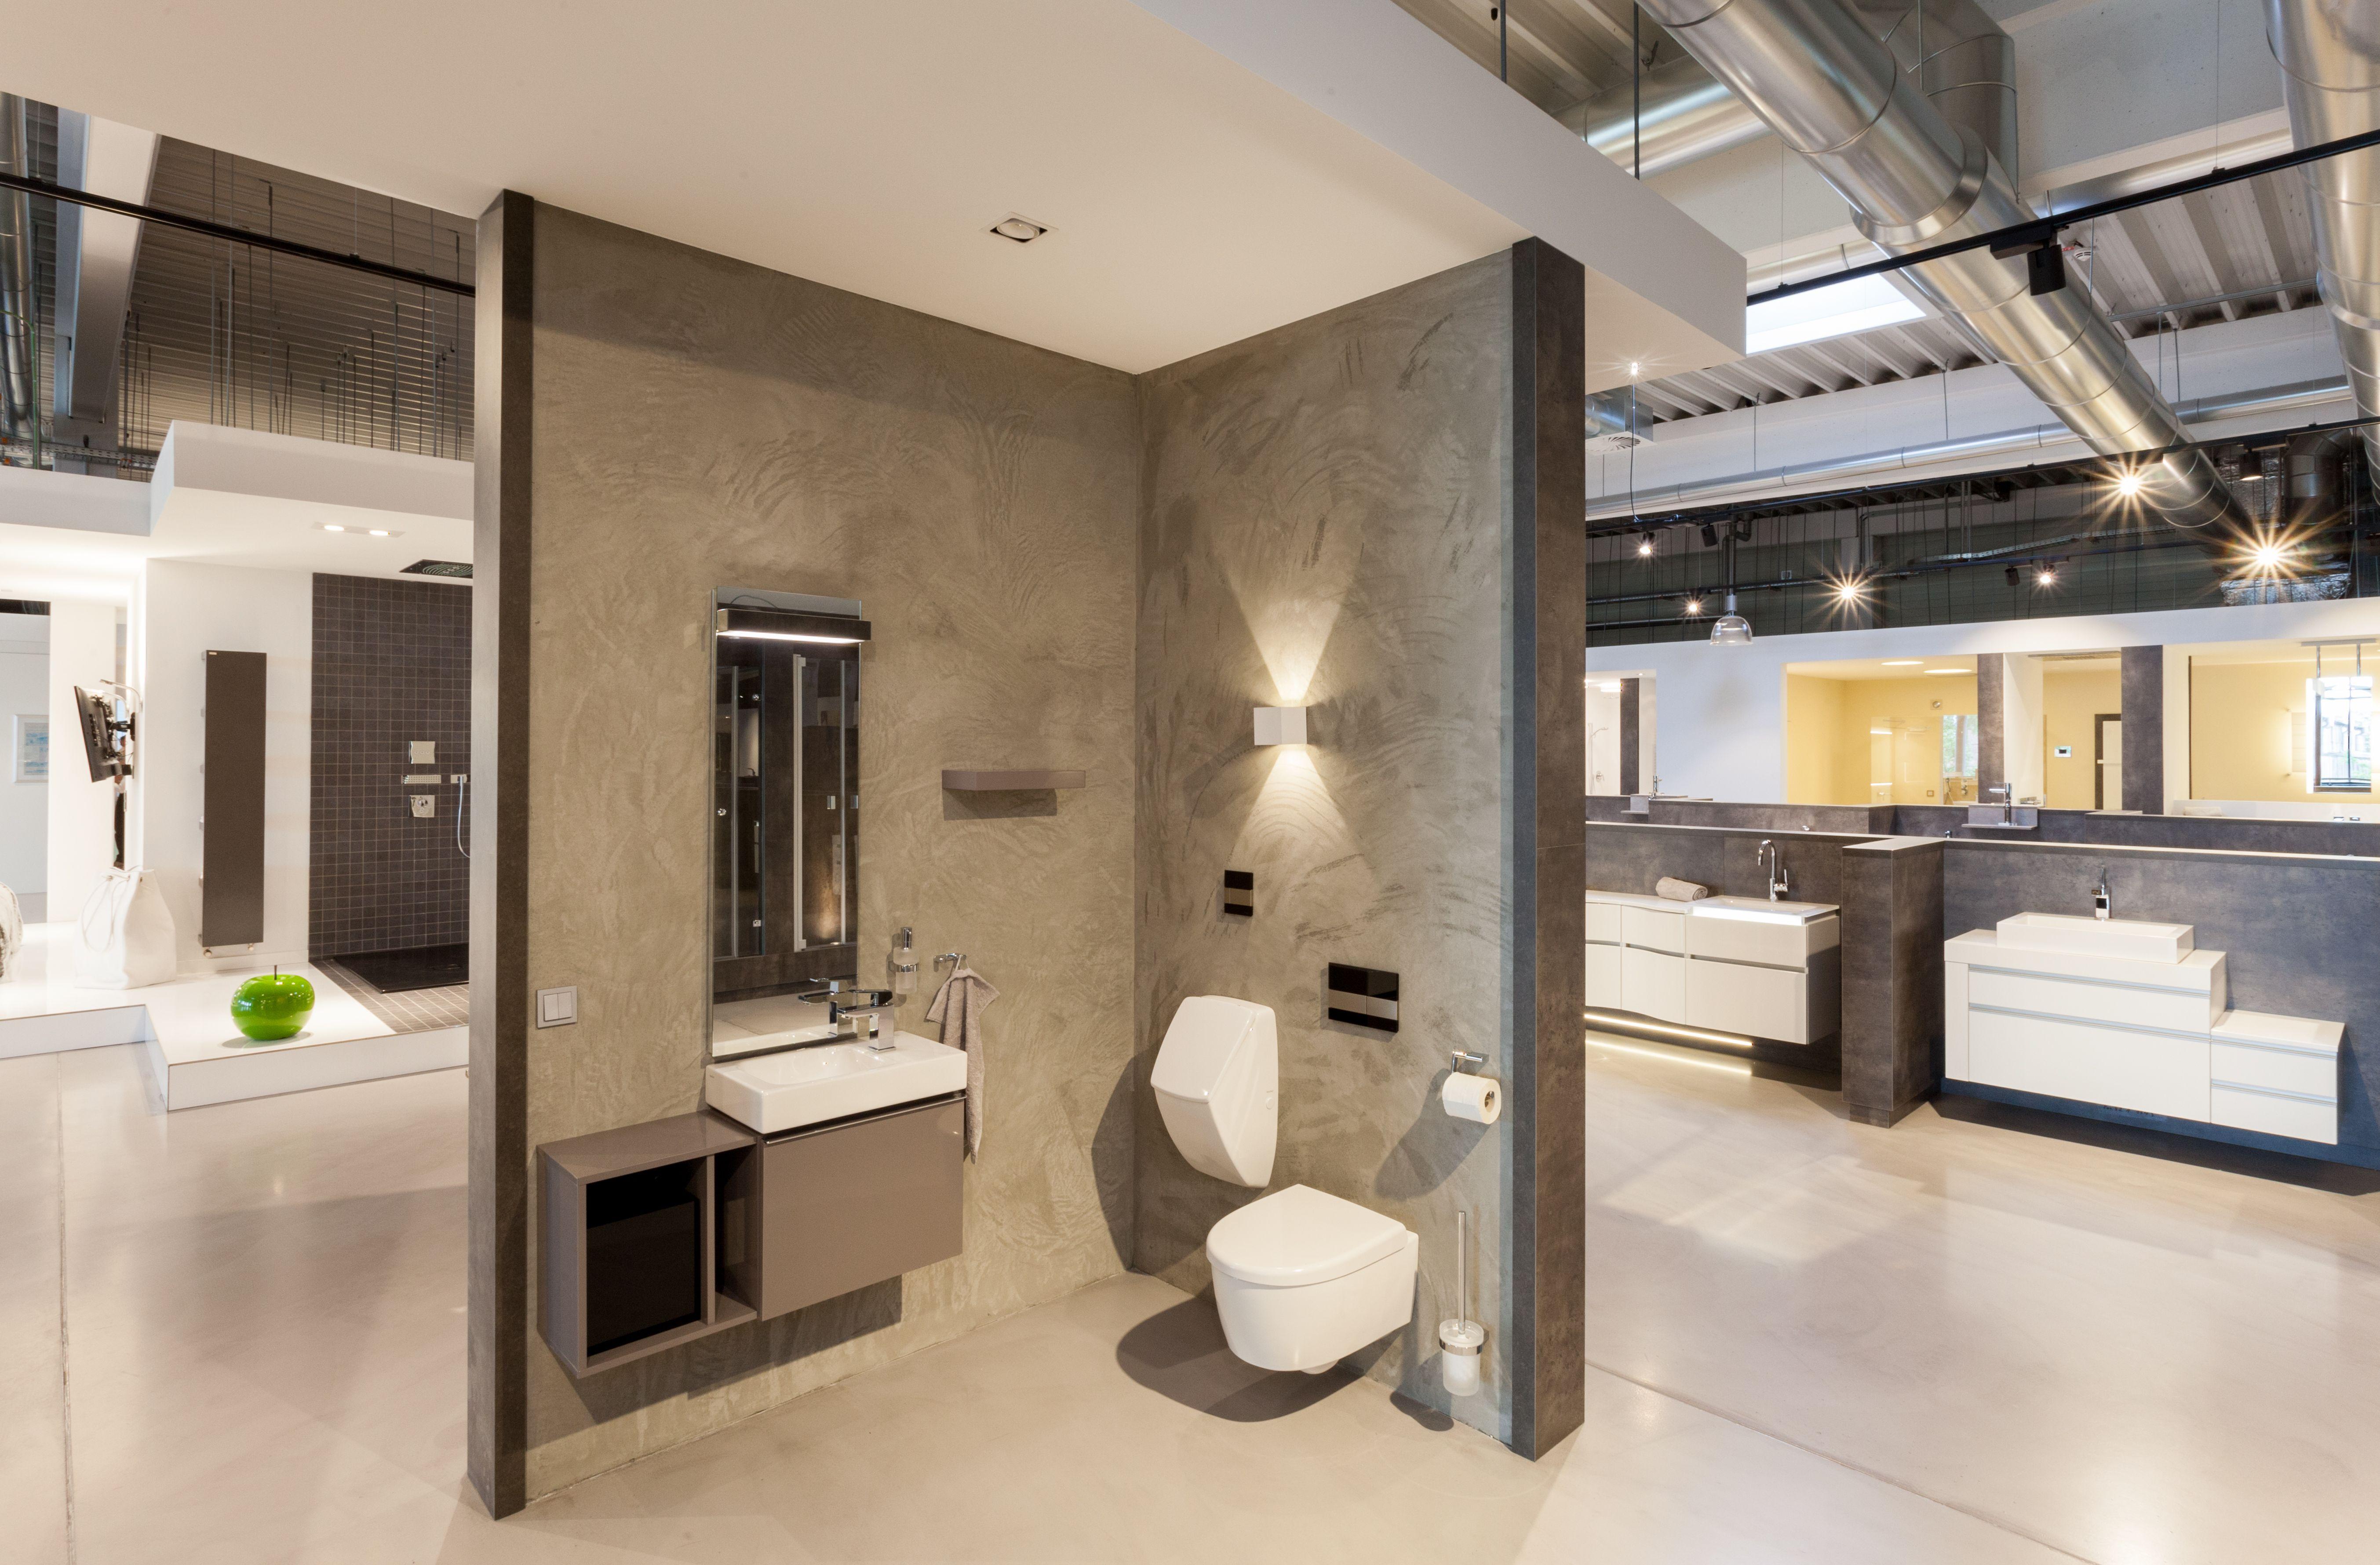 Badezimmer Ausstellung Hannover  Wohn-design